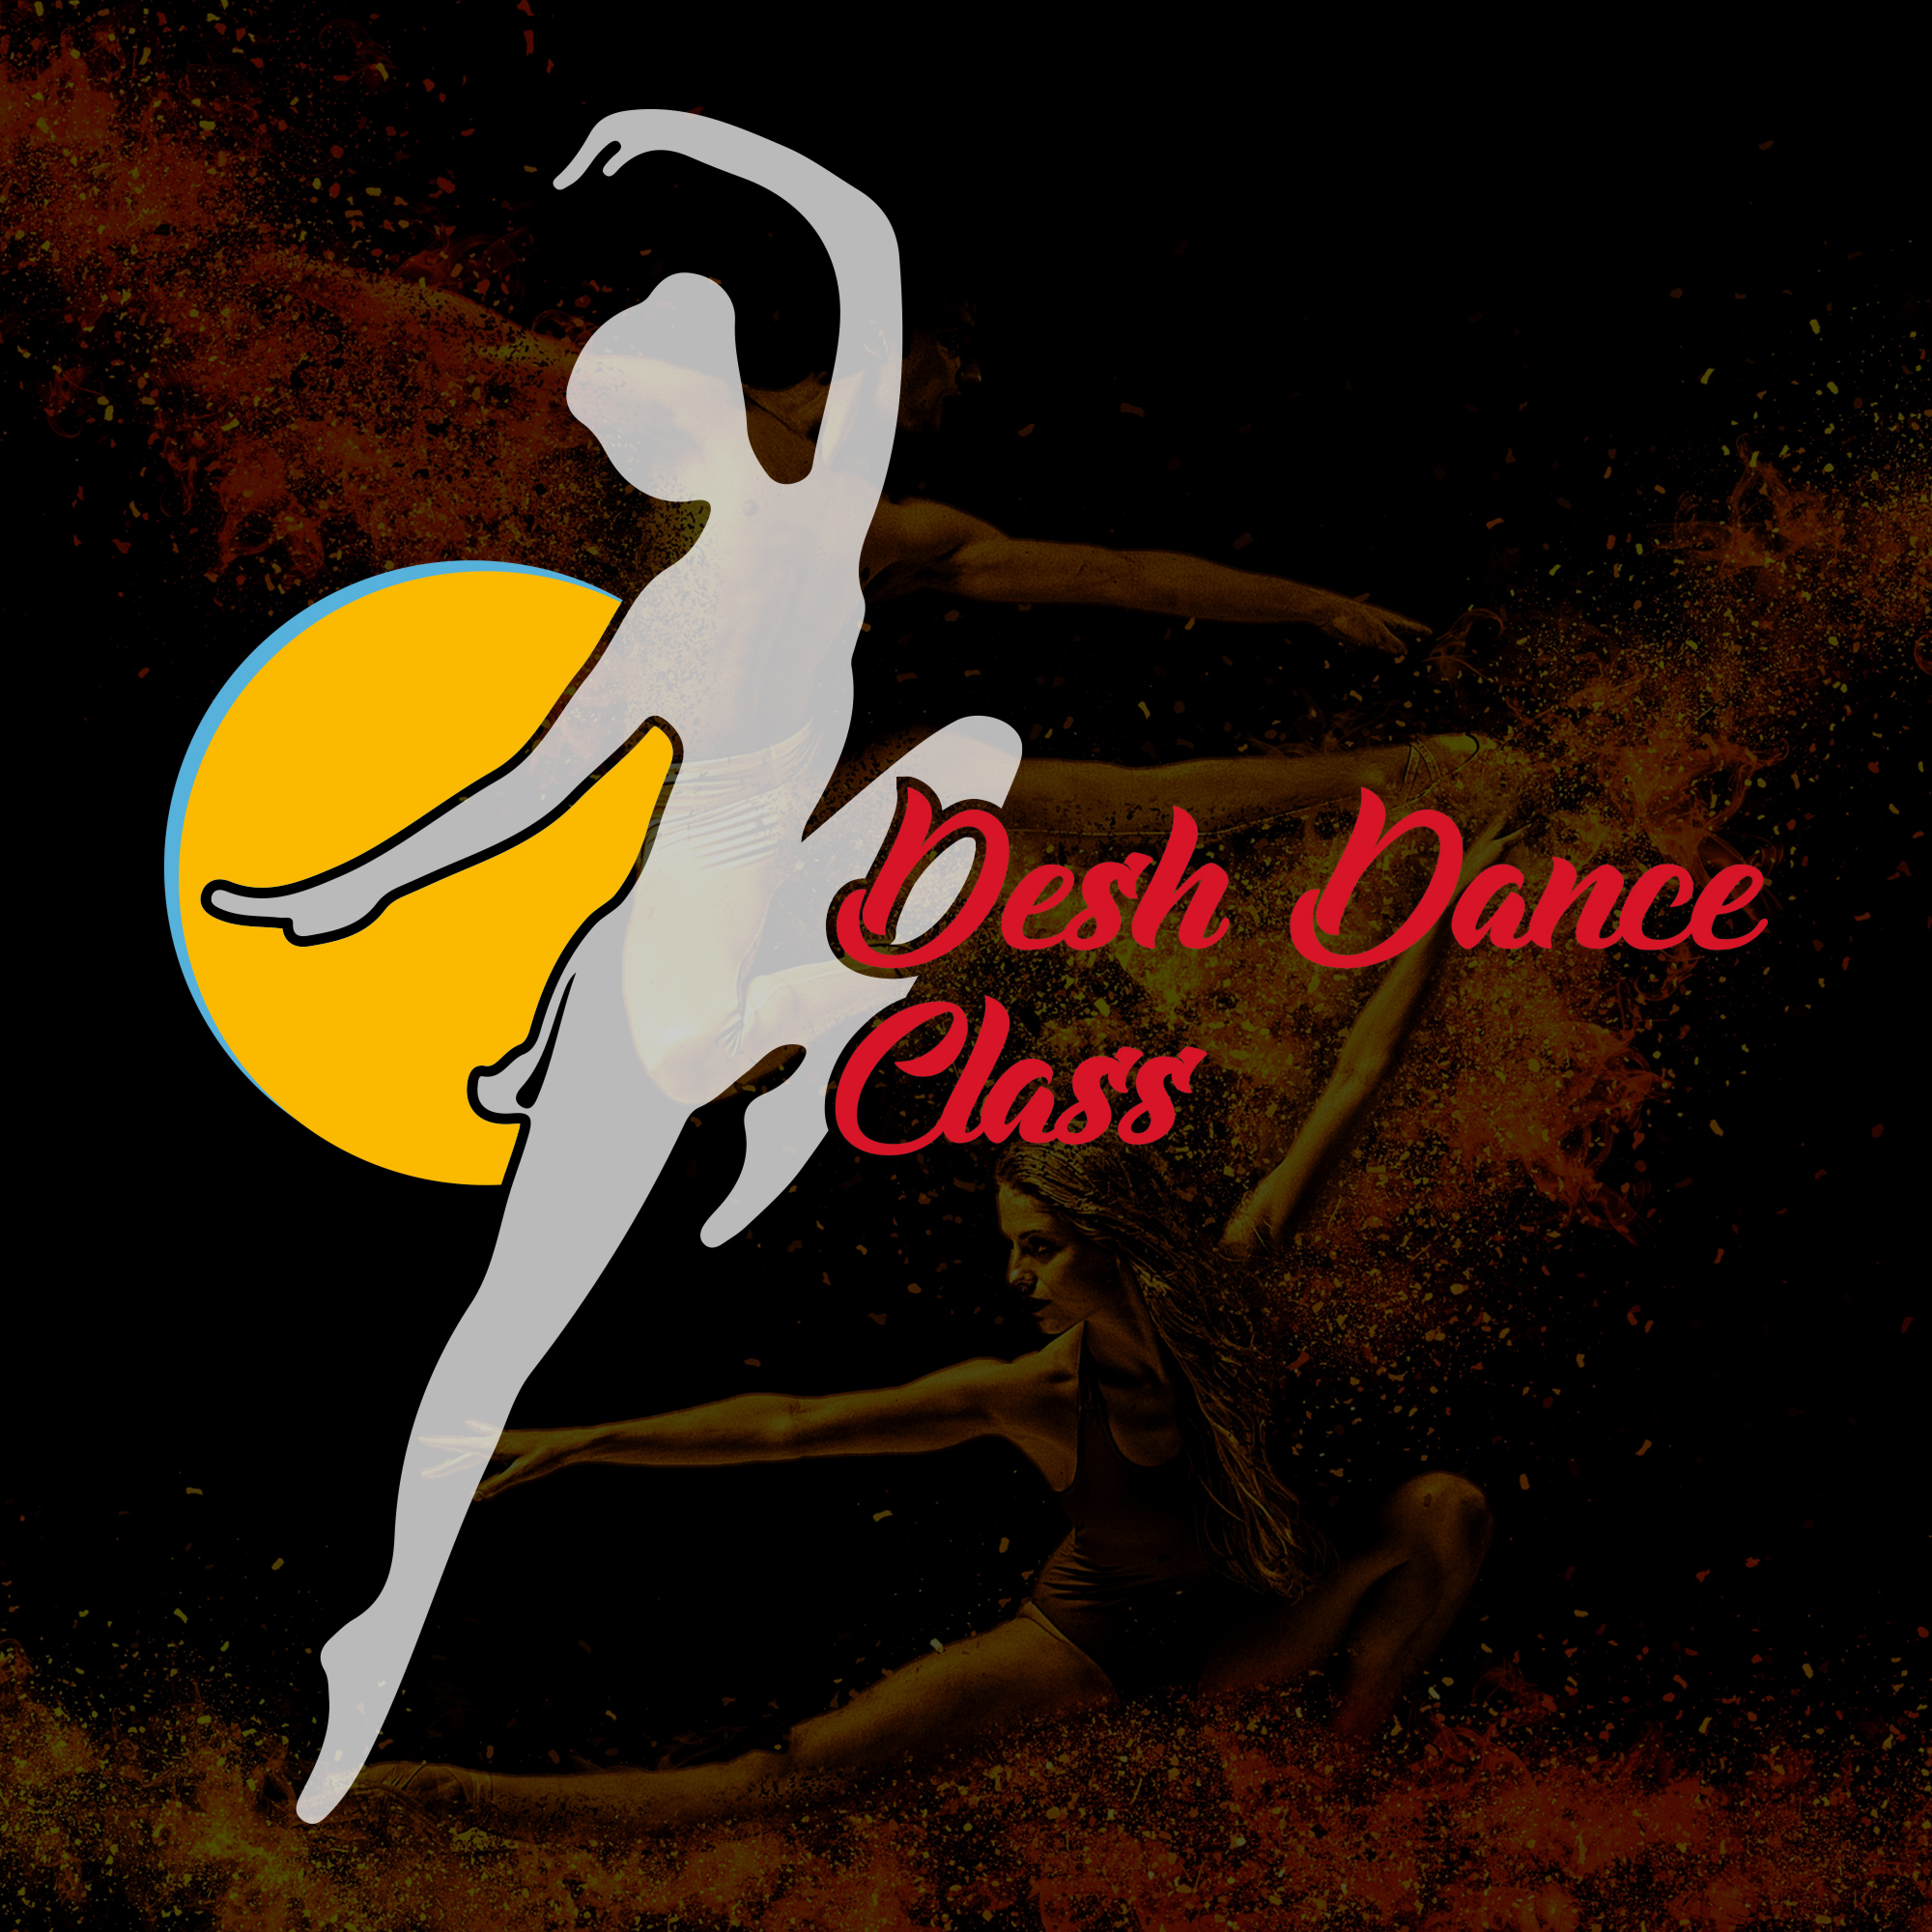 Desh Dance Class